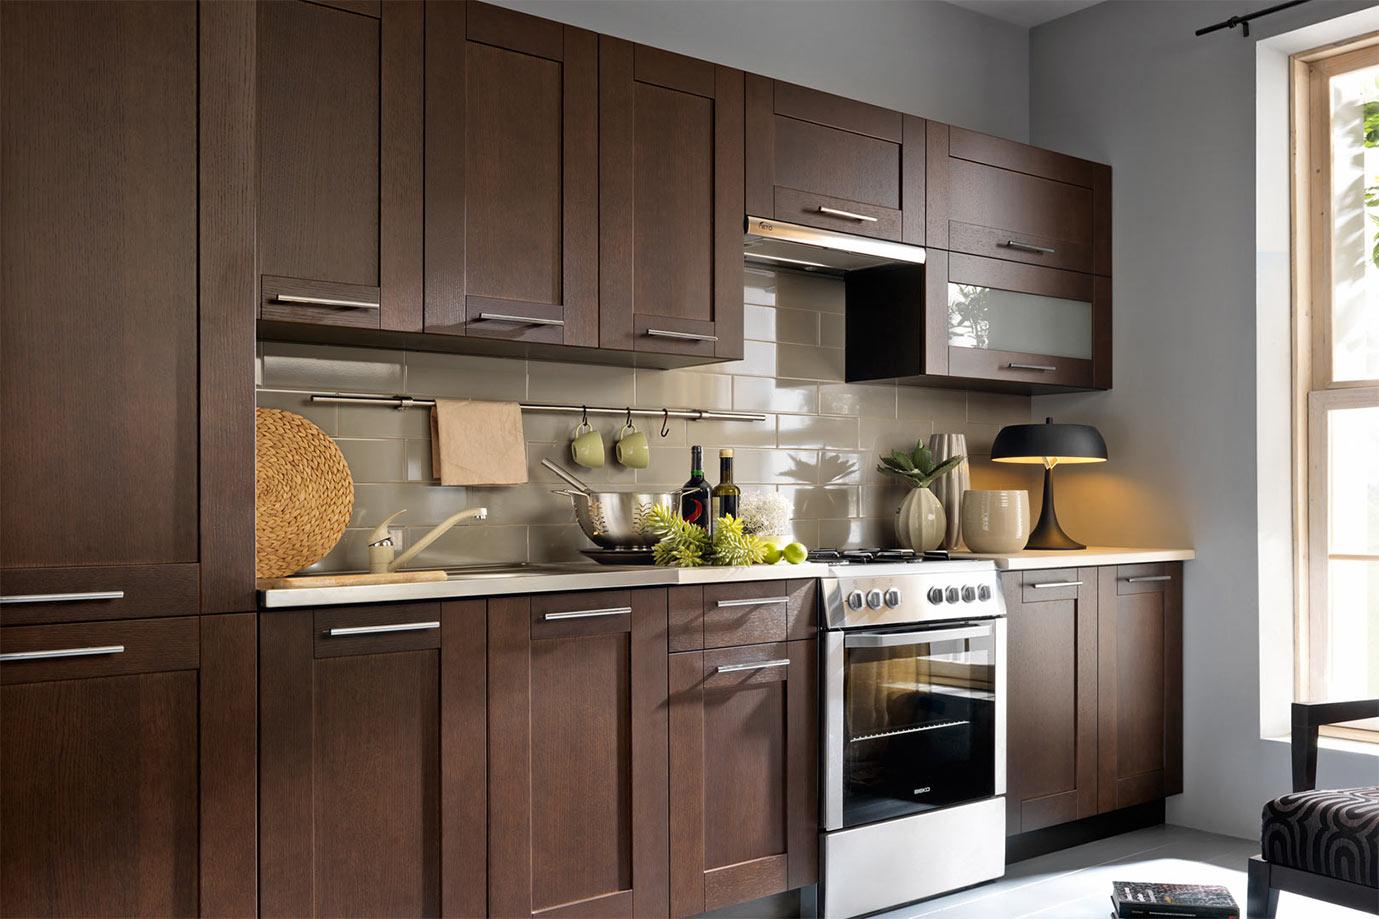 Küche Einbauküche Küchenzeile 320cm - modern wenge massivholz ...